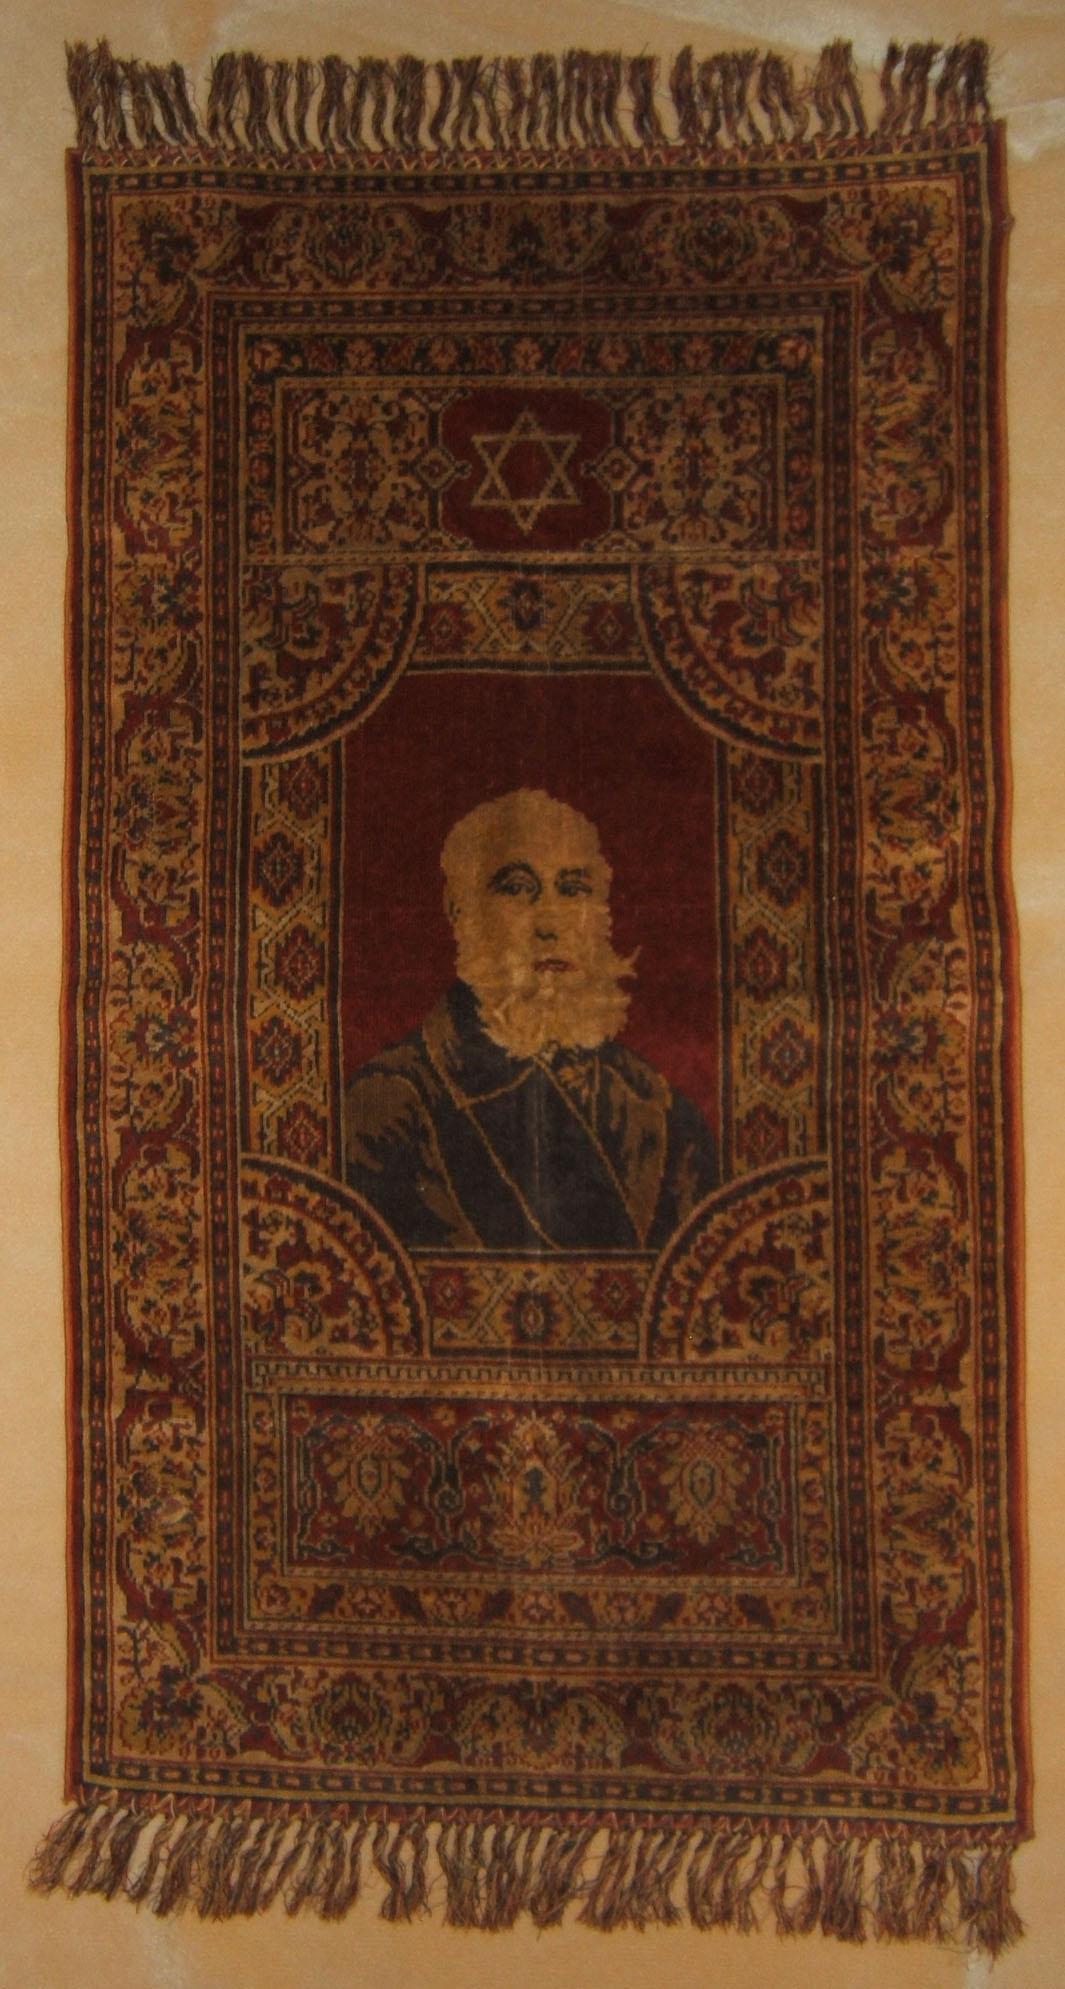 Palästina/E.I. Max Nordau, zionistischer Teppich, ca. 1905-1911/1923